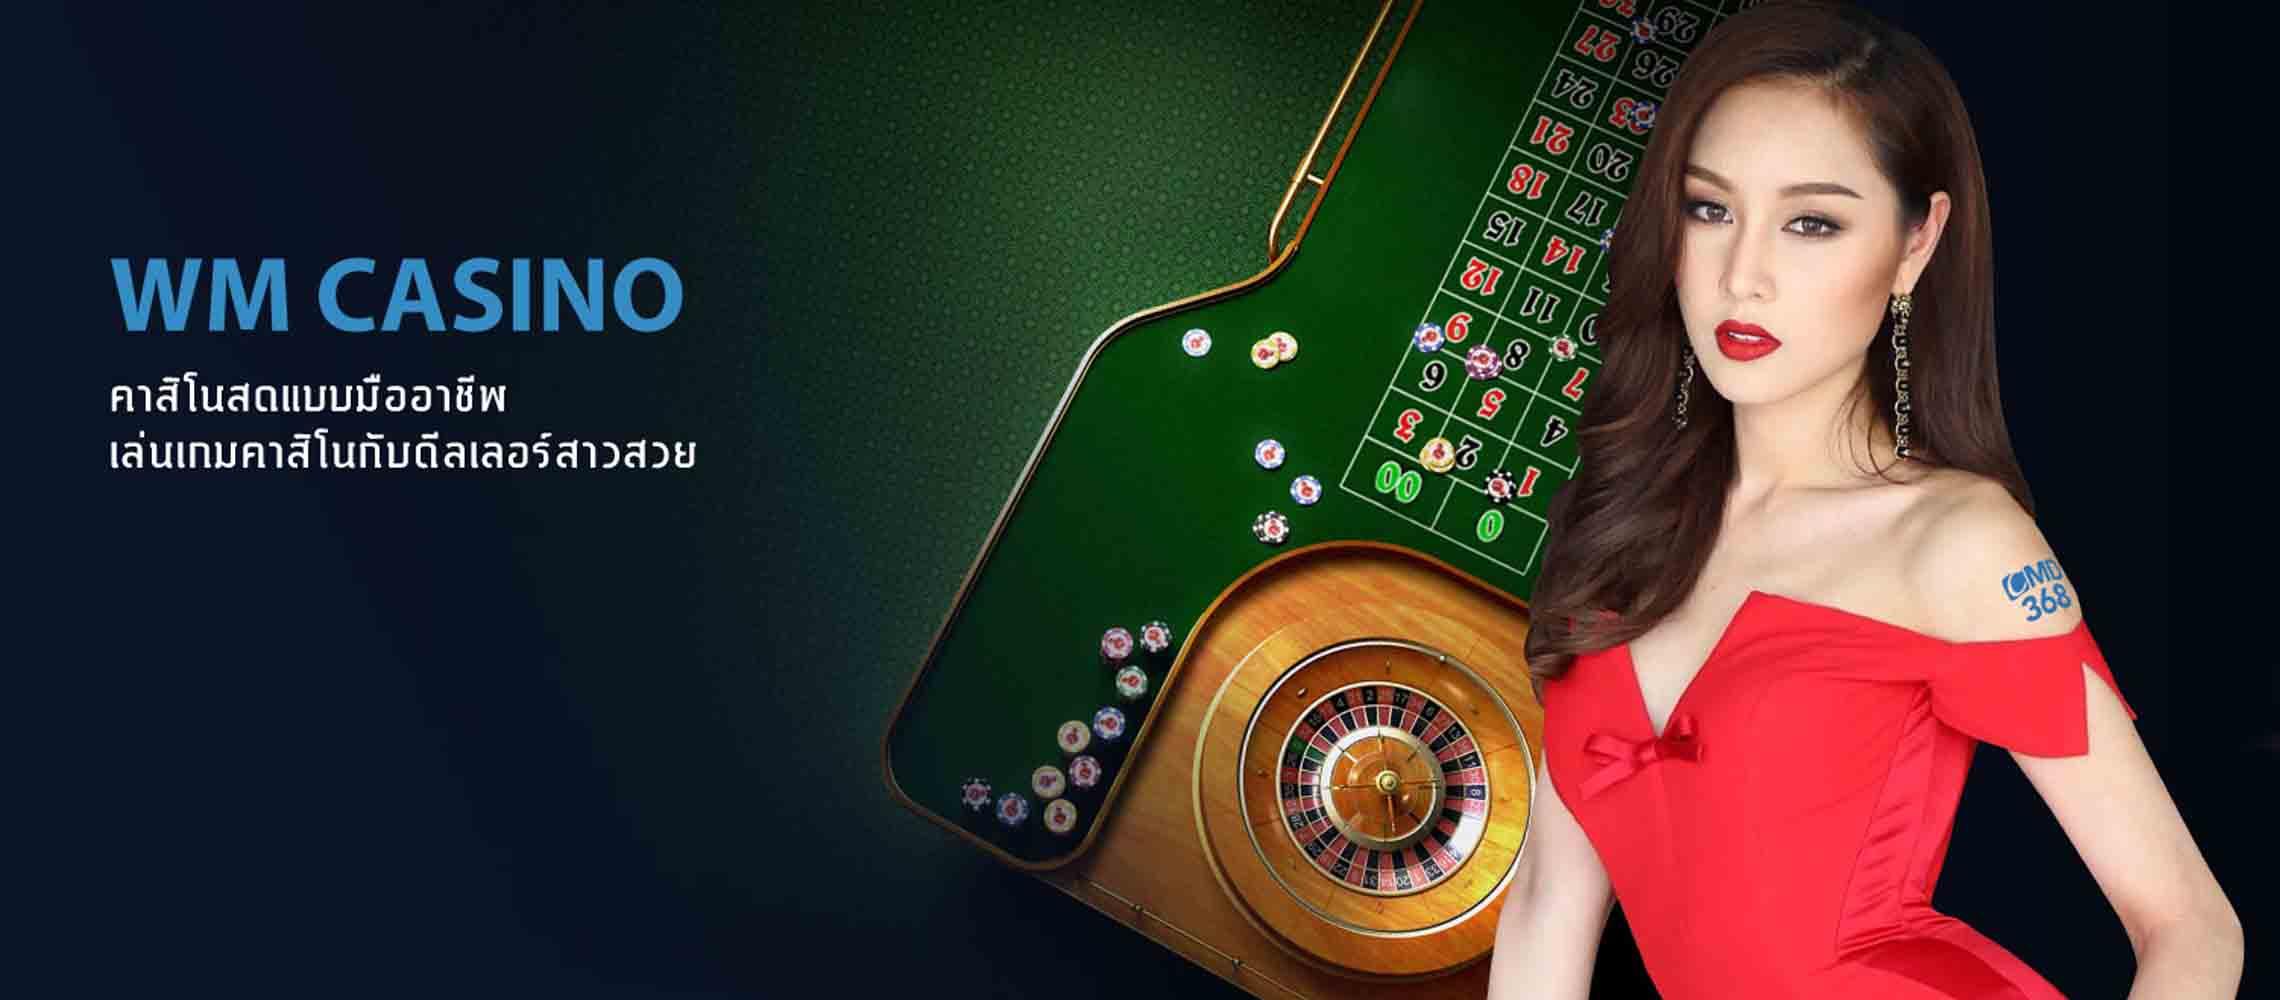 wm casino online